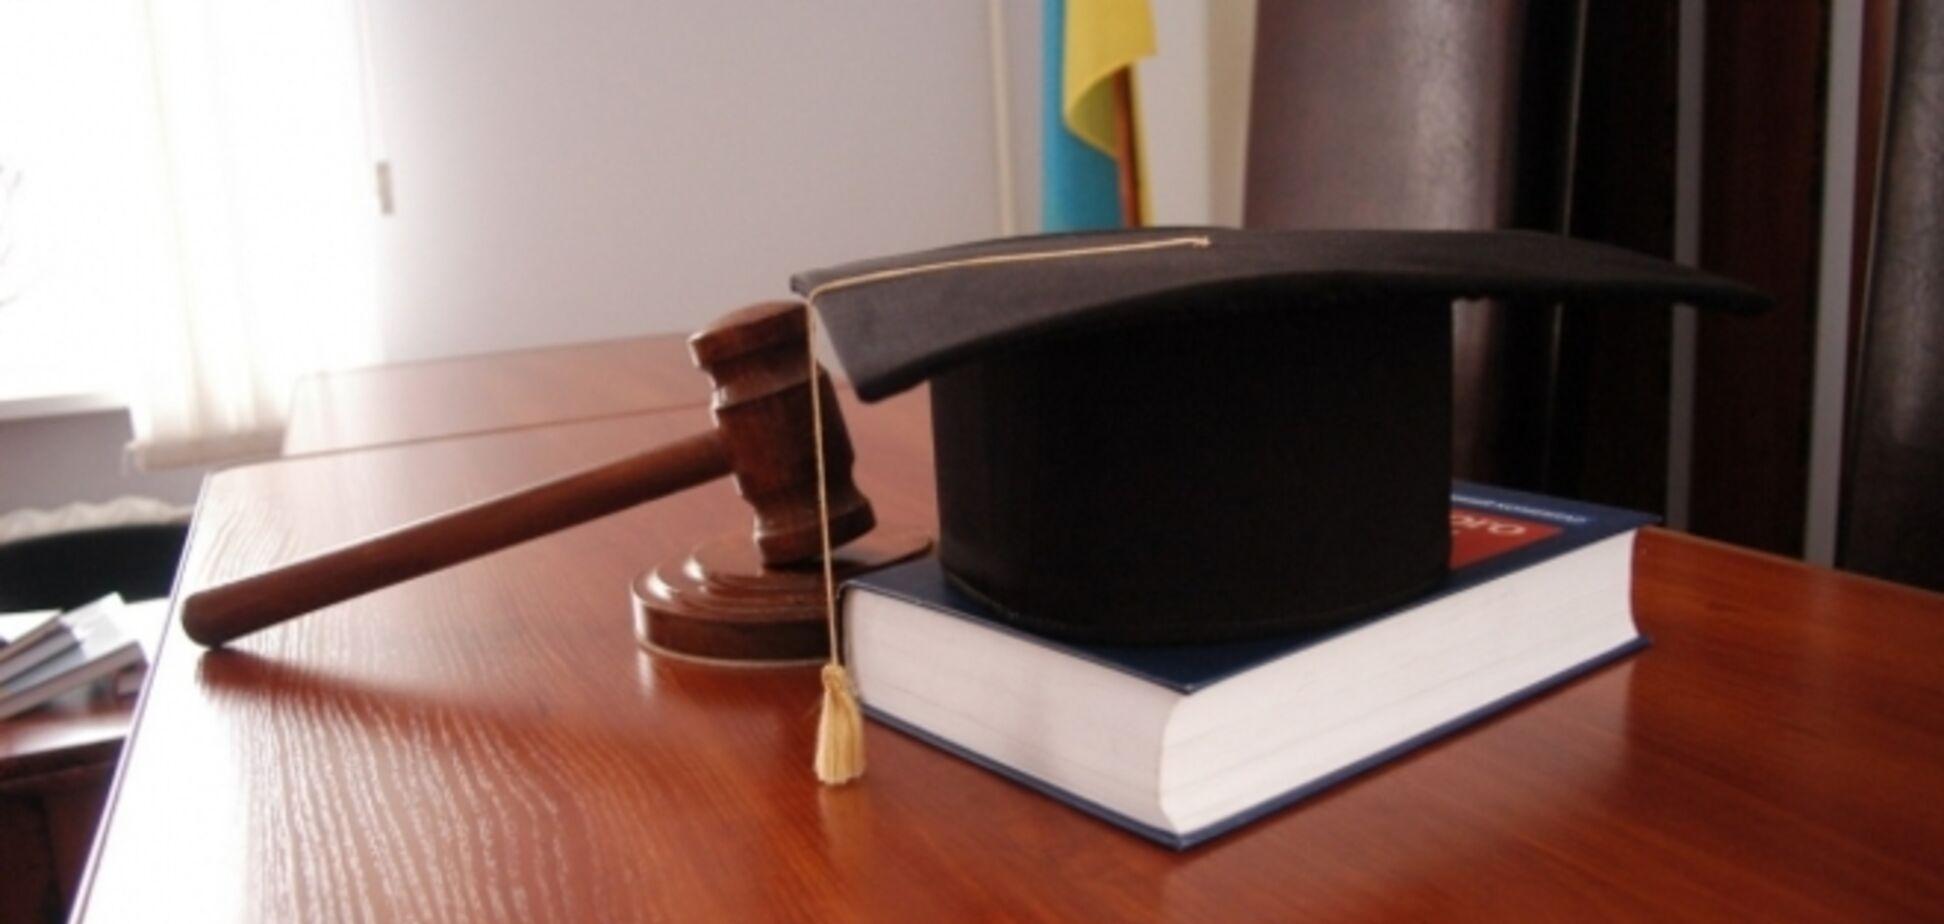 На Донетчине 13 судей заподозрили в 'сотрудничестве' с 'ДНР'